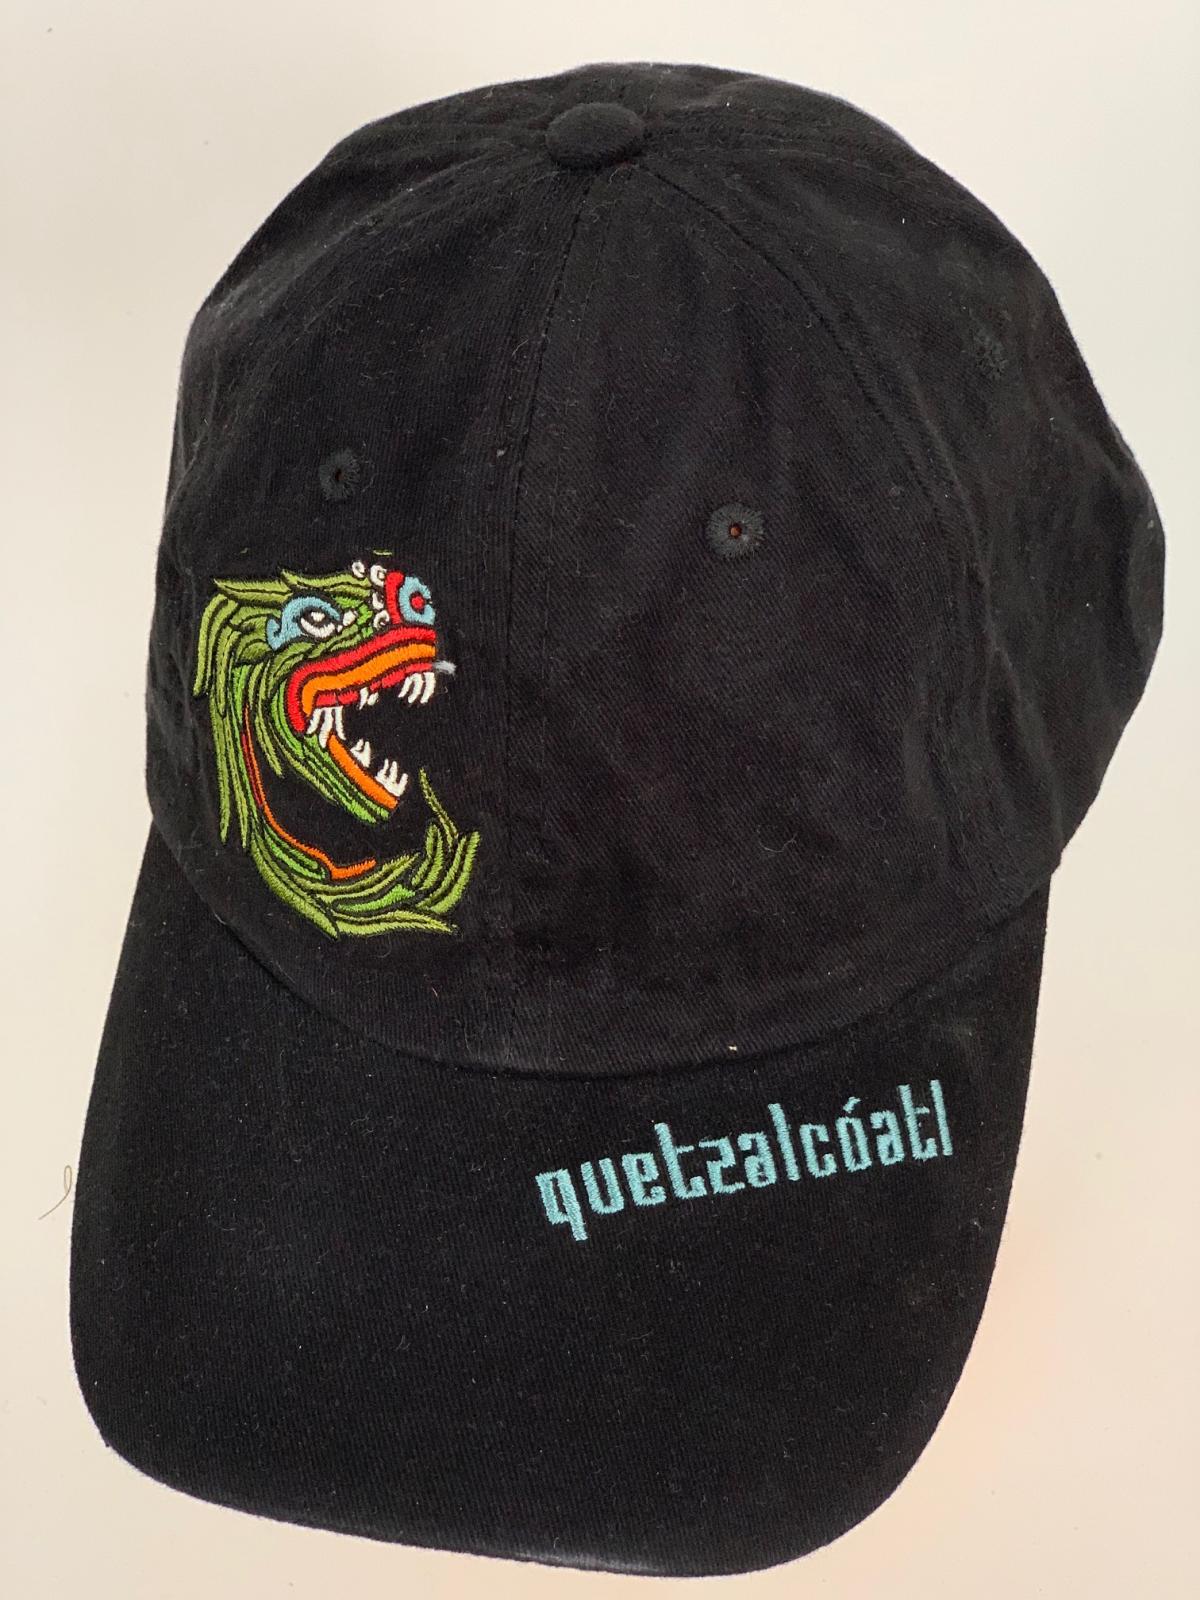 Черная бейсболка с вышитым драконом и голубой надписью